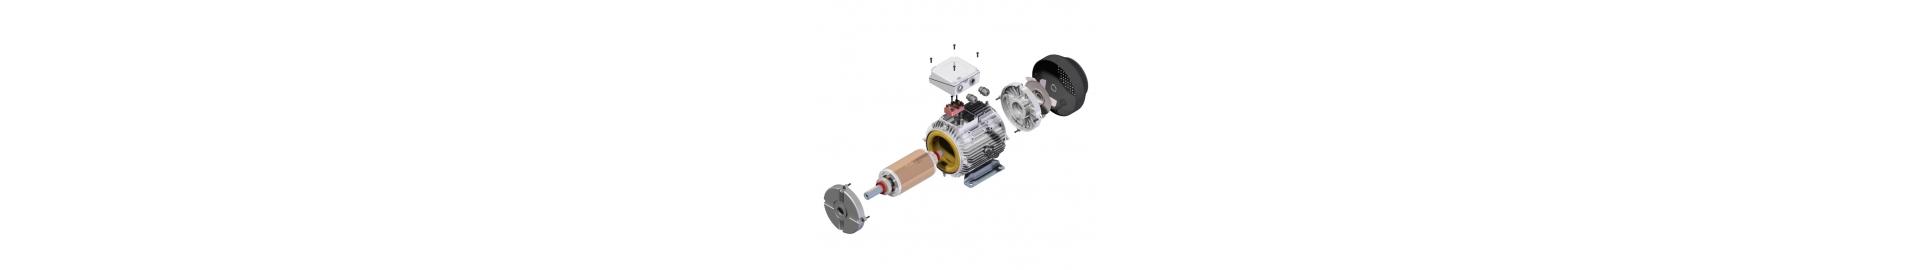 Silniki elektryczne – różnorodność parametrów i zastosowania